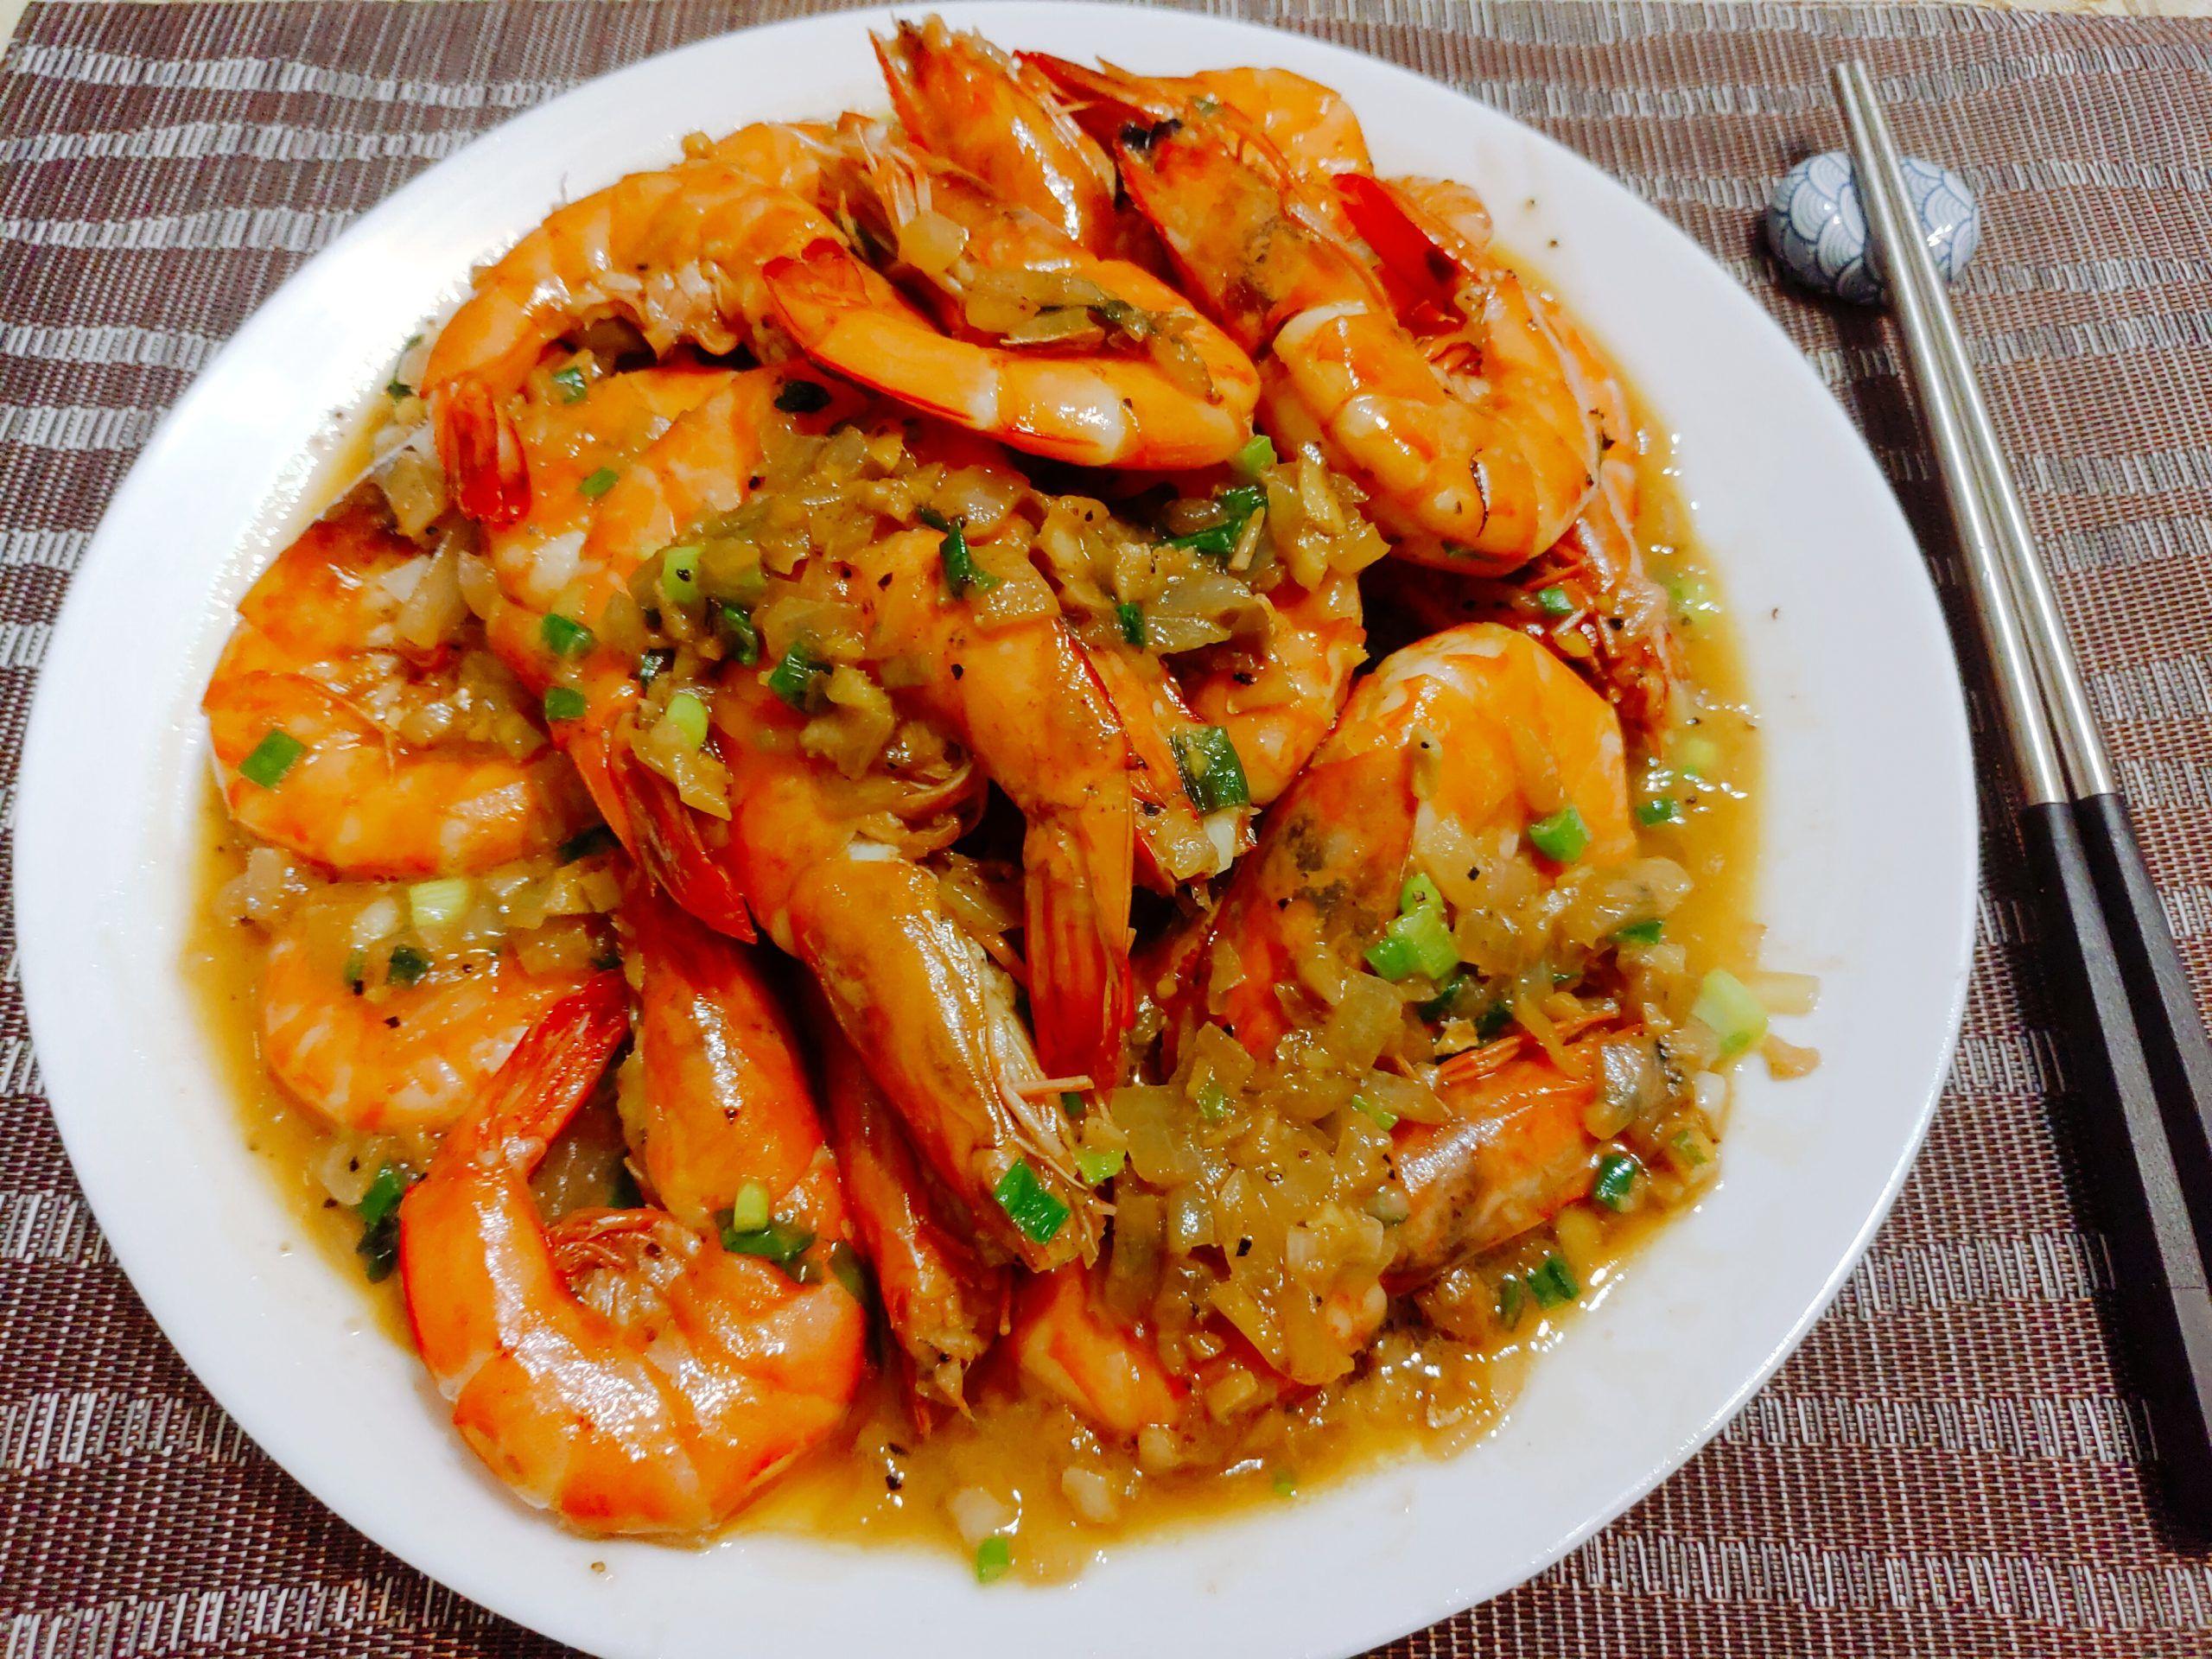 【食譜】蒜香奶油蝦|Q彈美味的蝦子帶著濃郁的奶油香